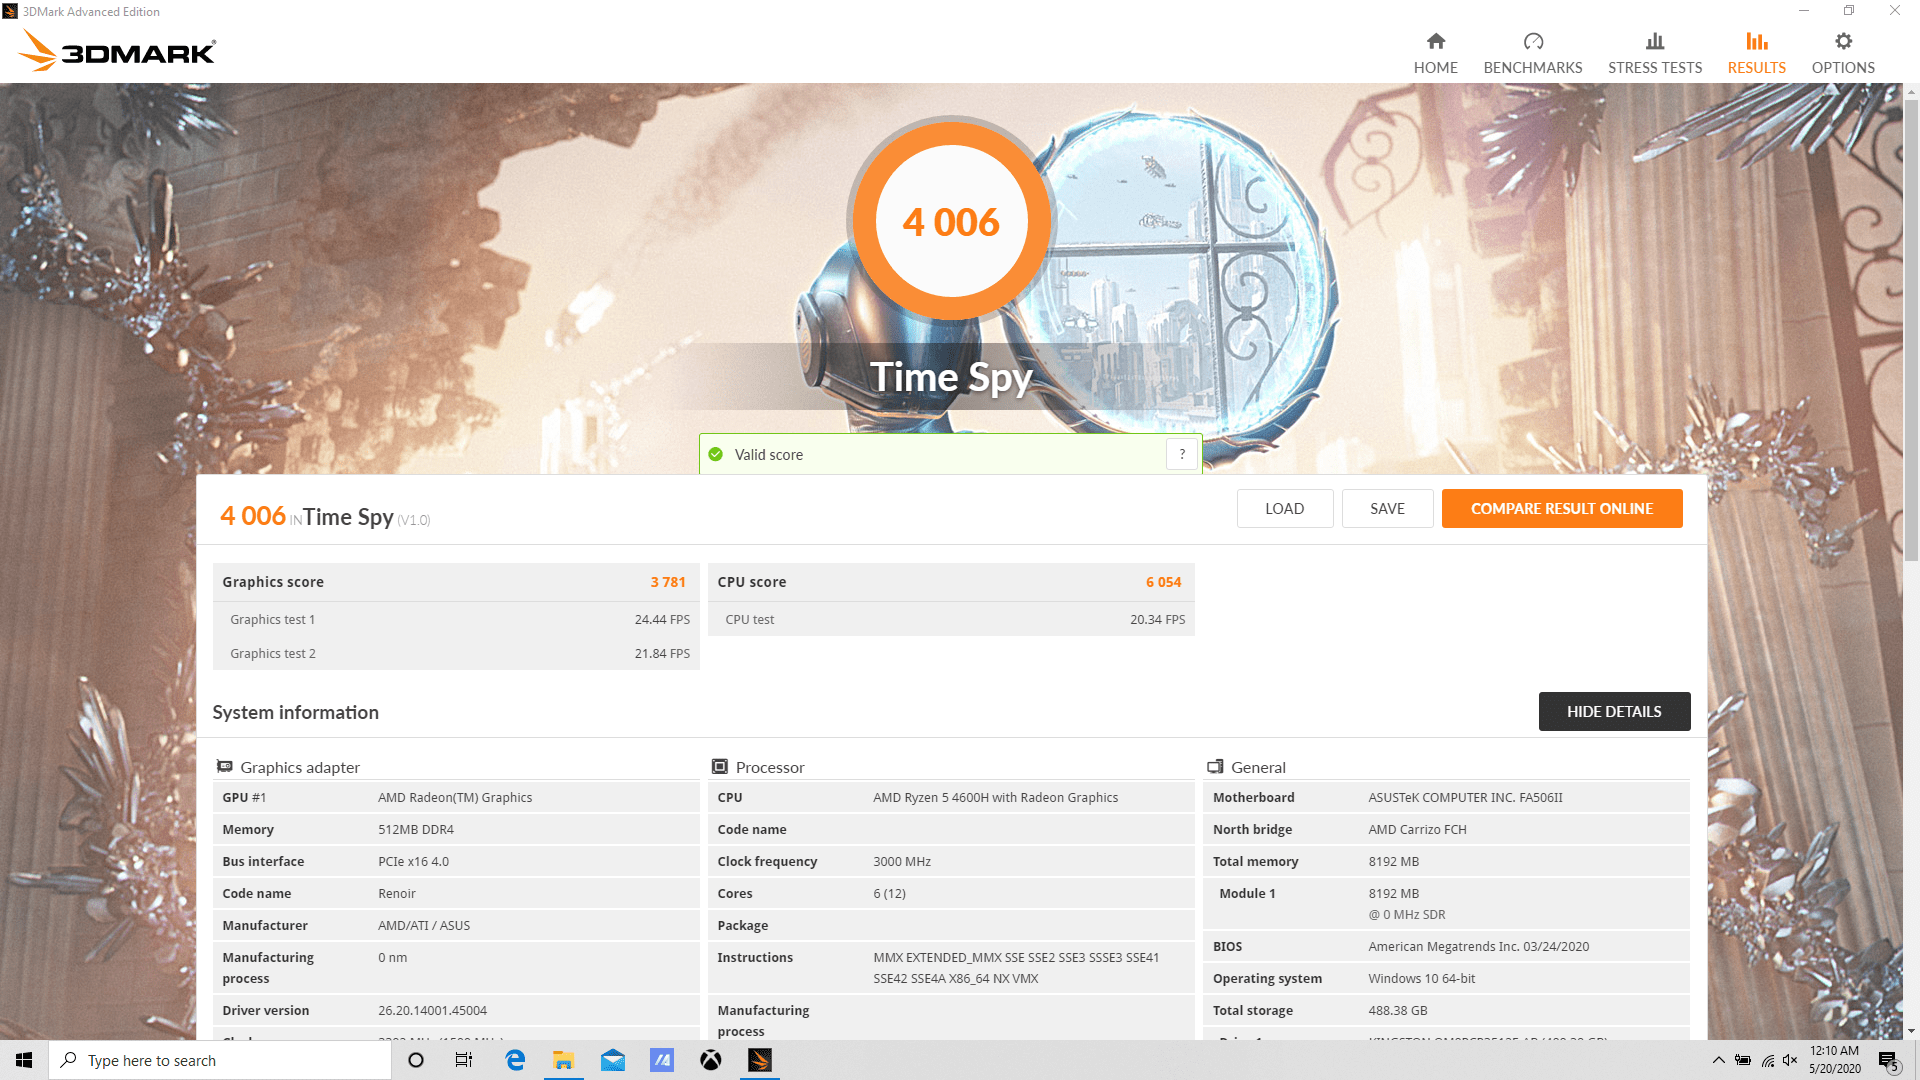 screenshot-6-min-png.10820